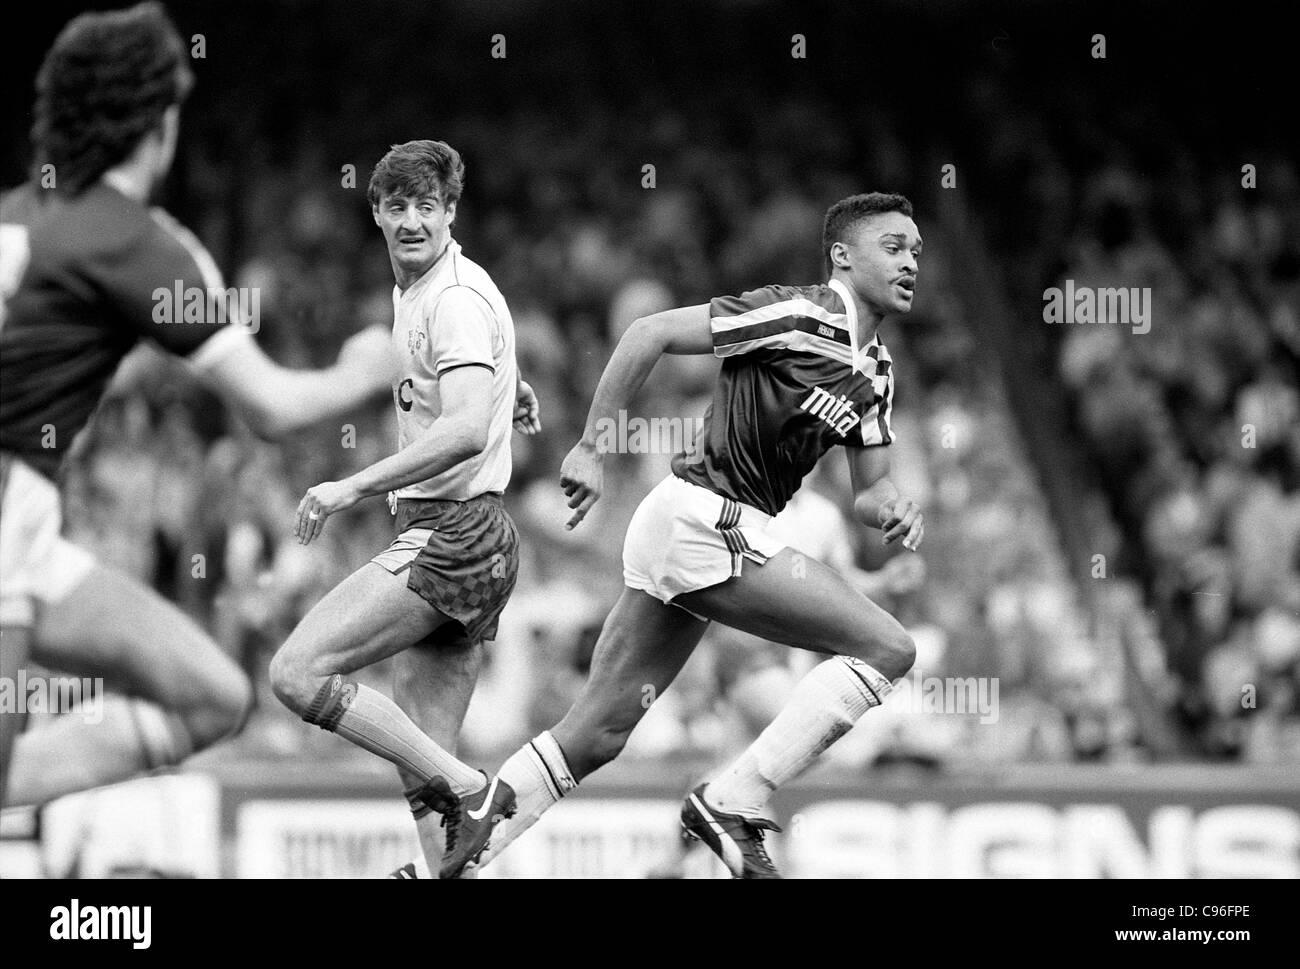 Aston Villa v Everton at Villa Park 18/4/87 Paul Elliott and Wayne Clarke - Stock Image